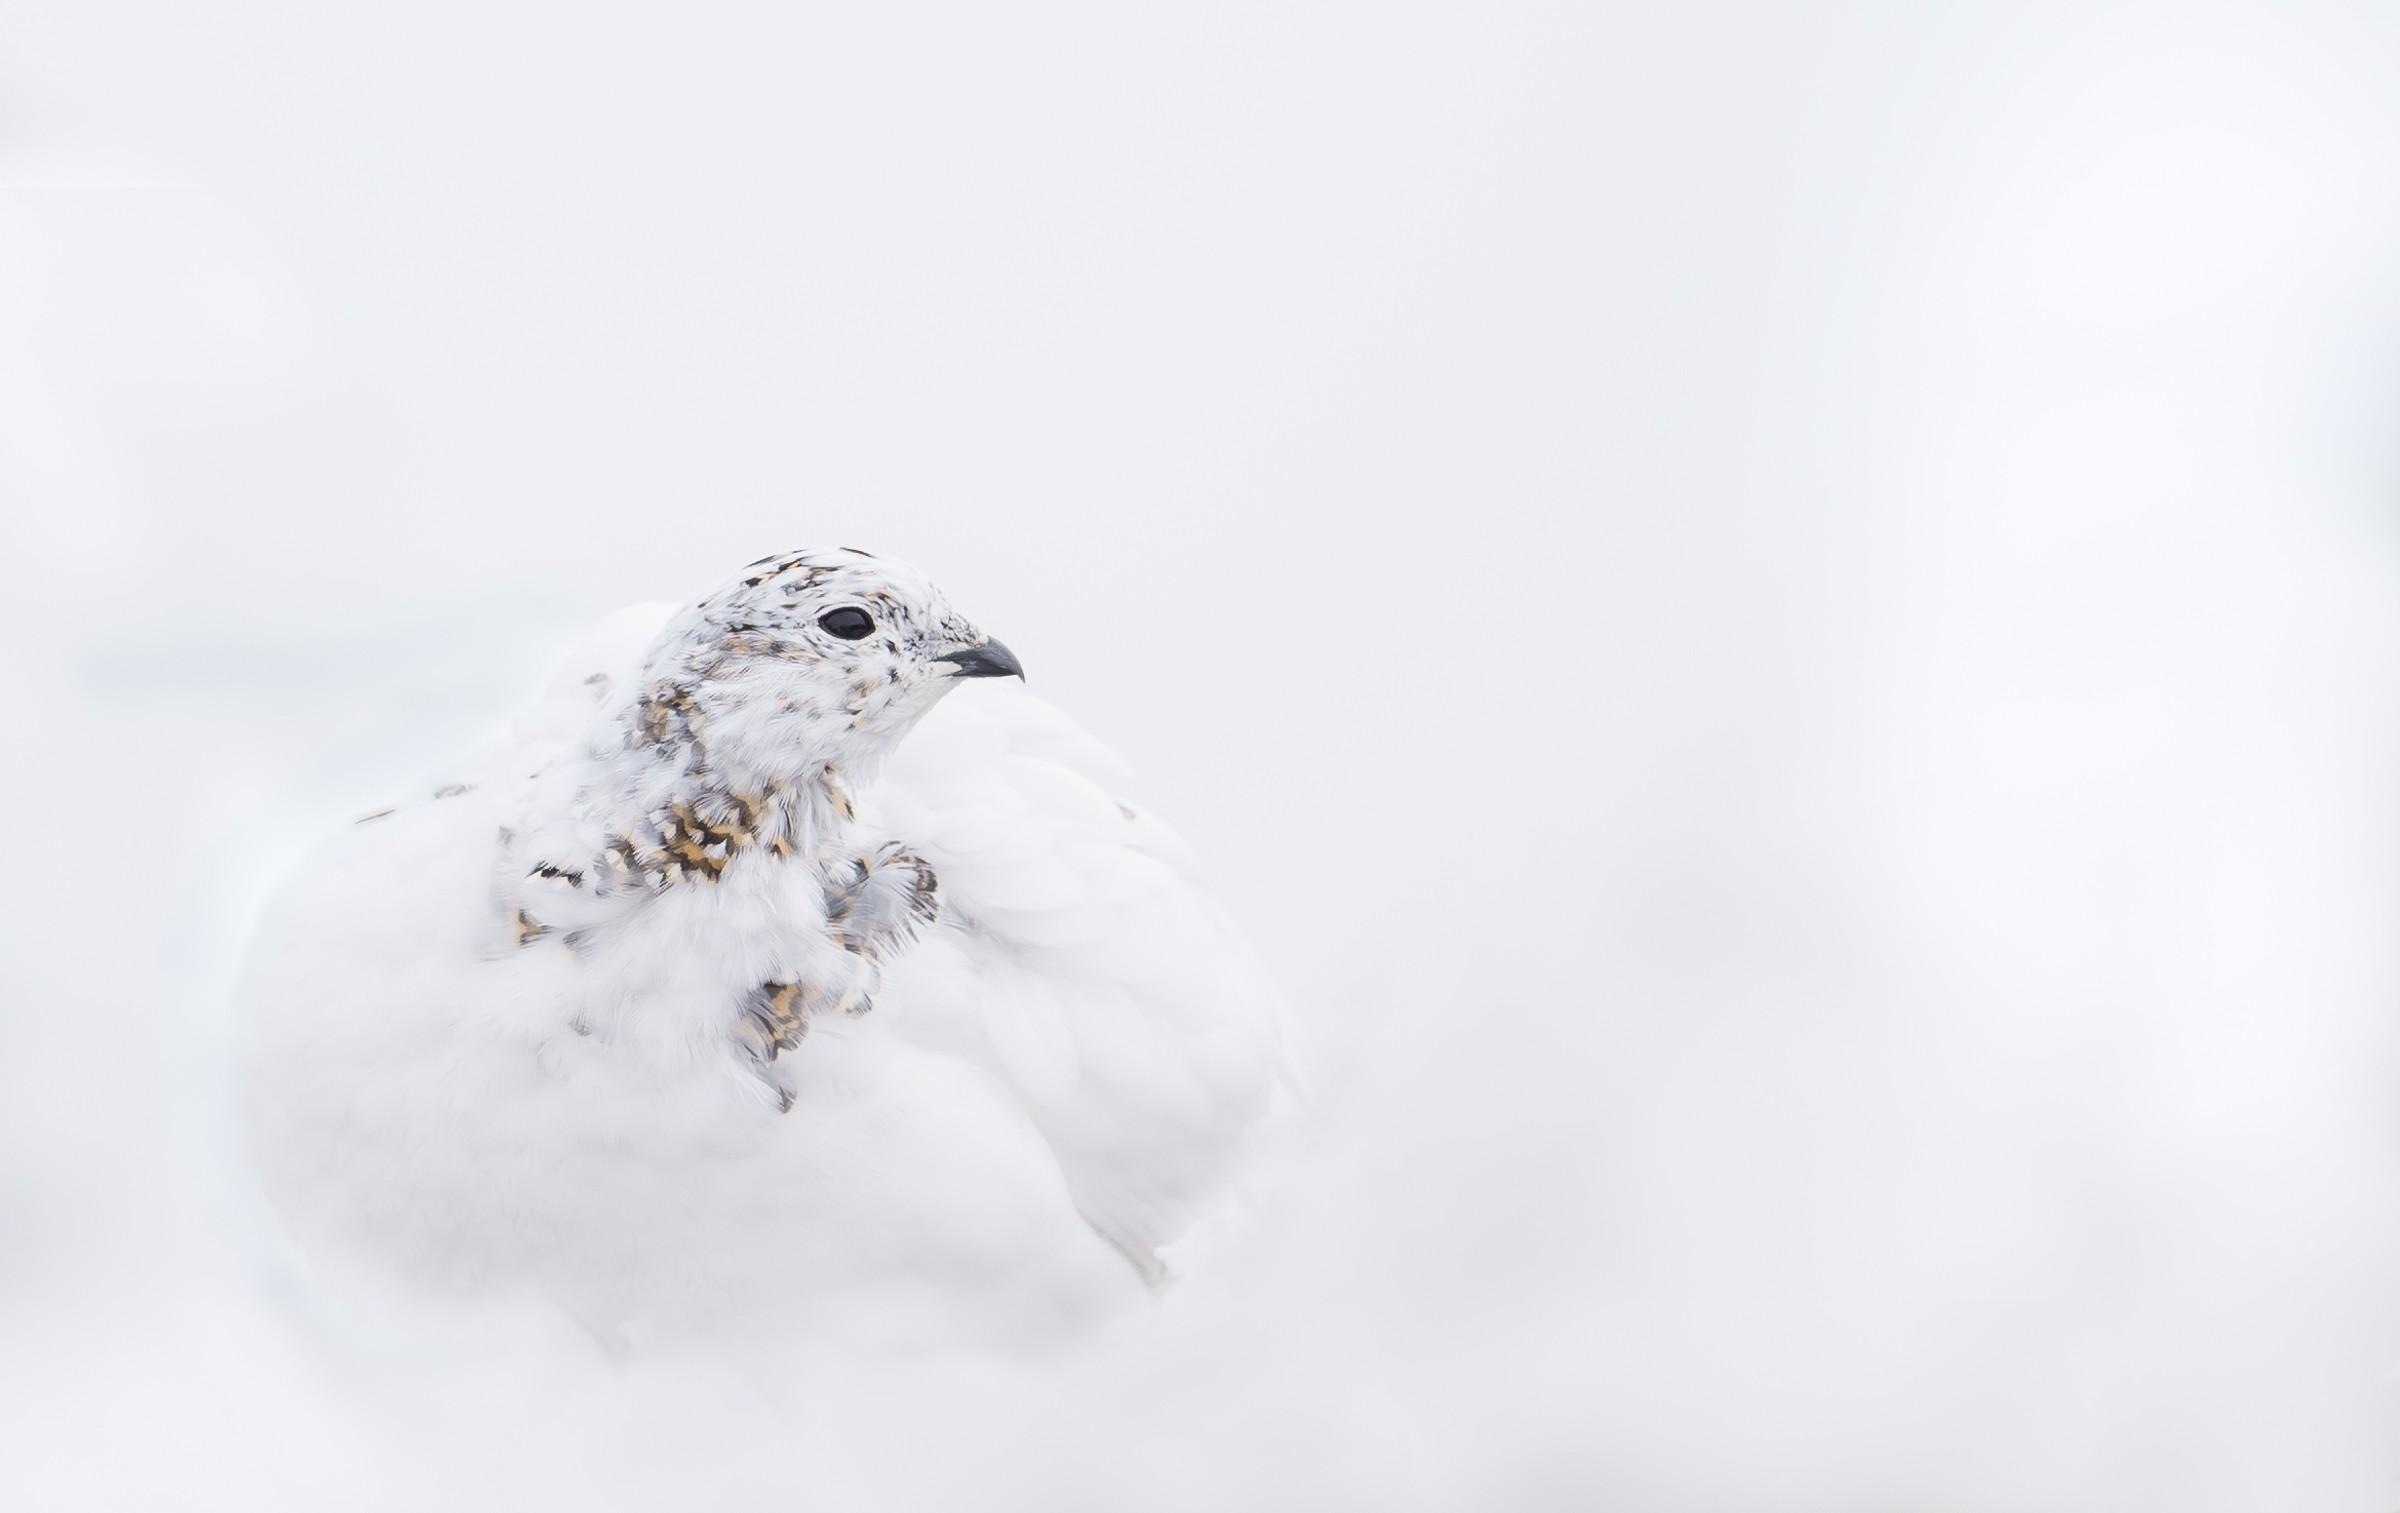 vogels veengebied 4433